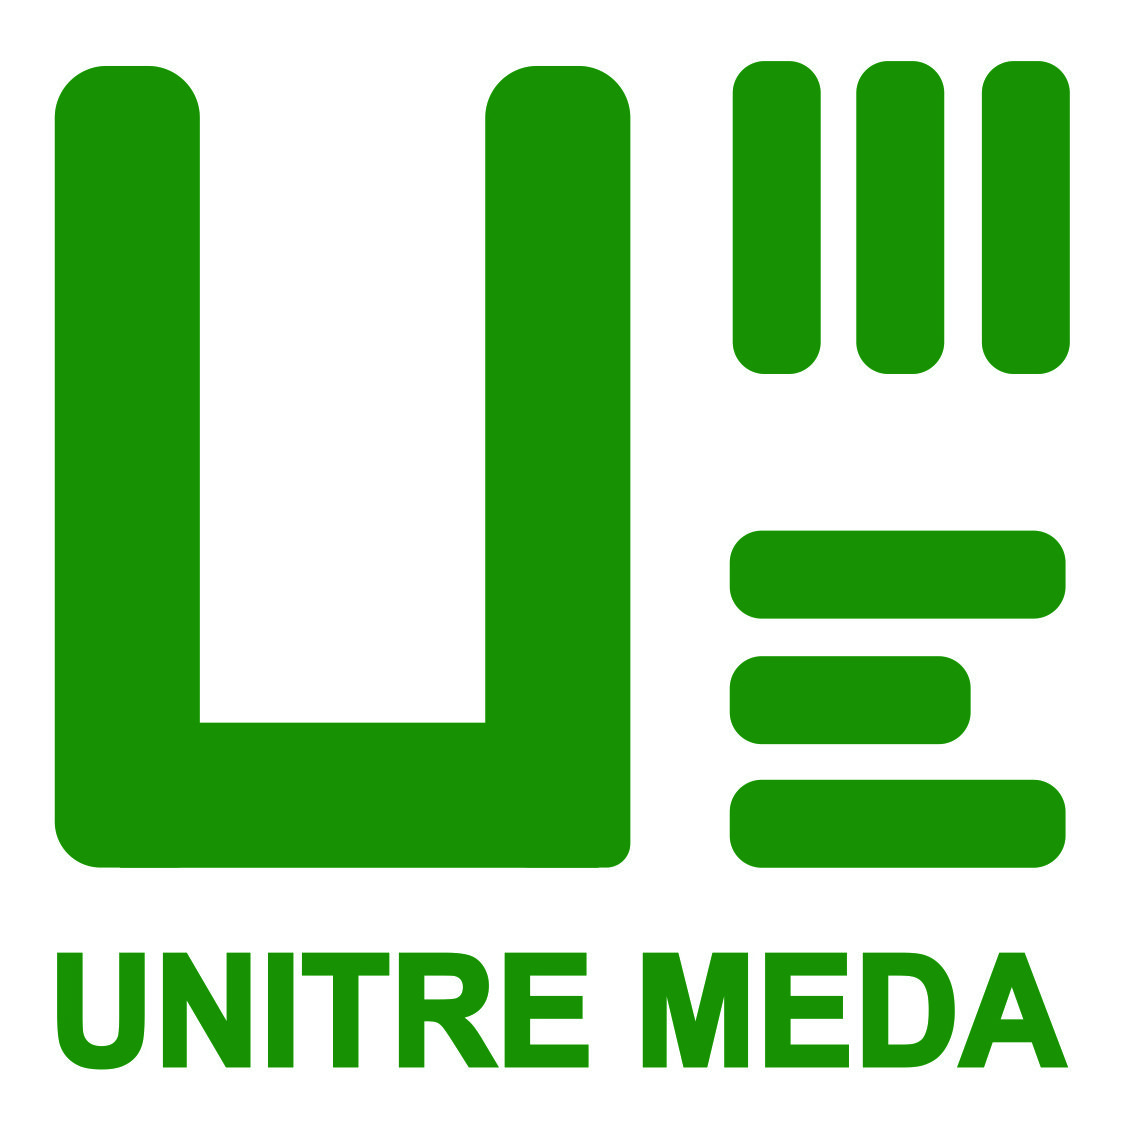 UNITRE MEDA